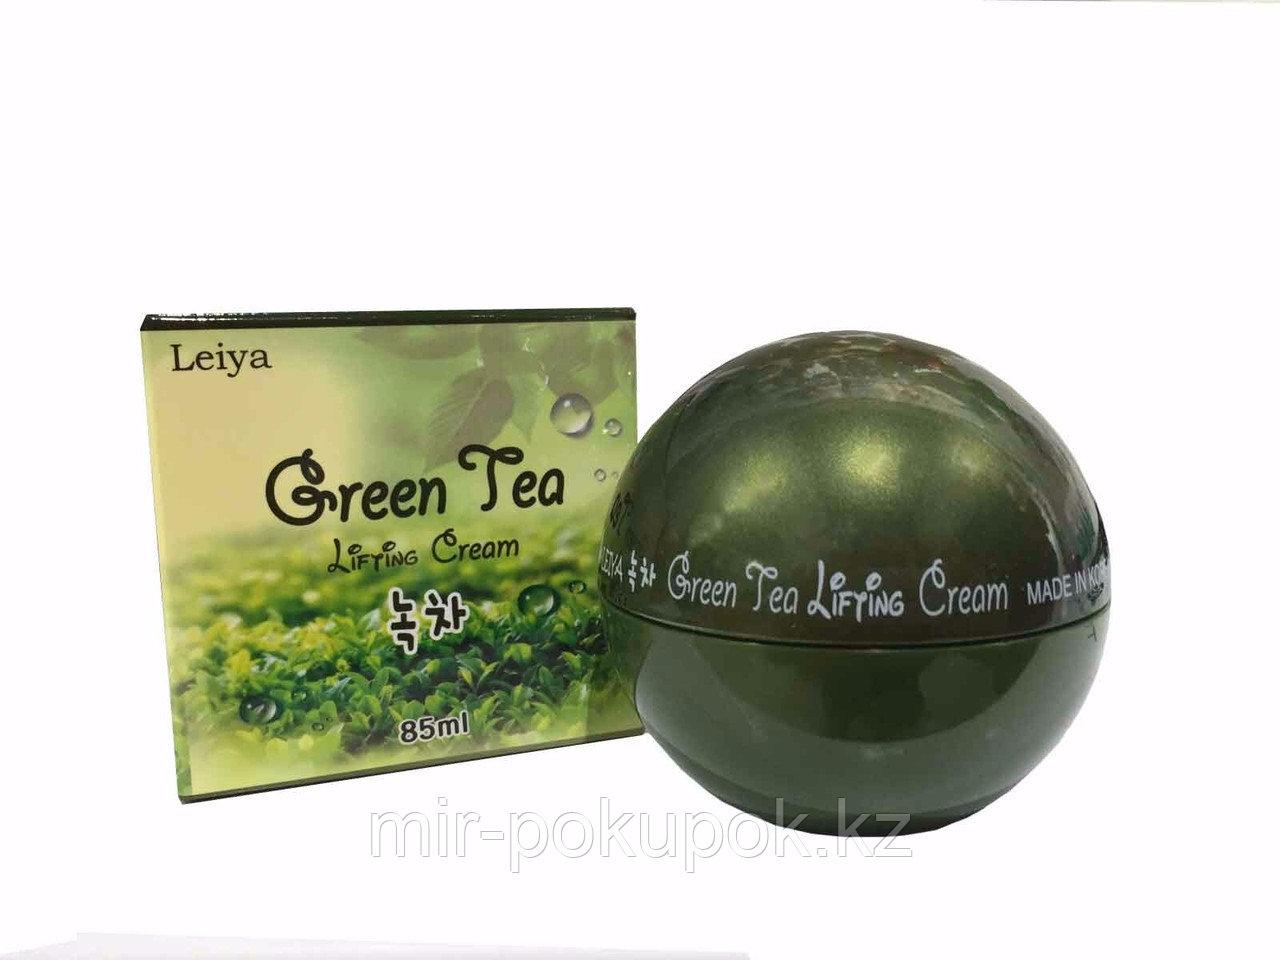 Лифтинг крем для лица Green Tea Lifting Cream, Leicos-Leiya (Корея), Алматы